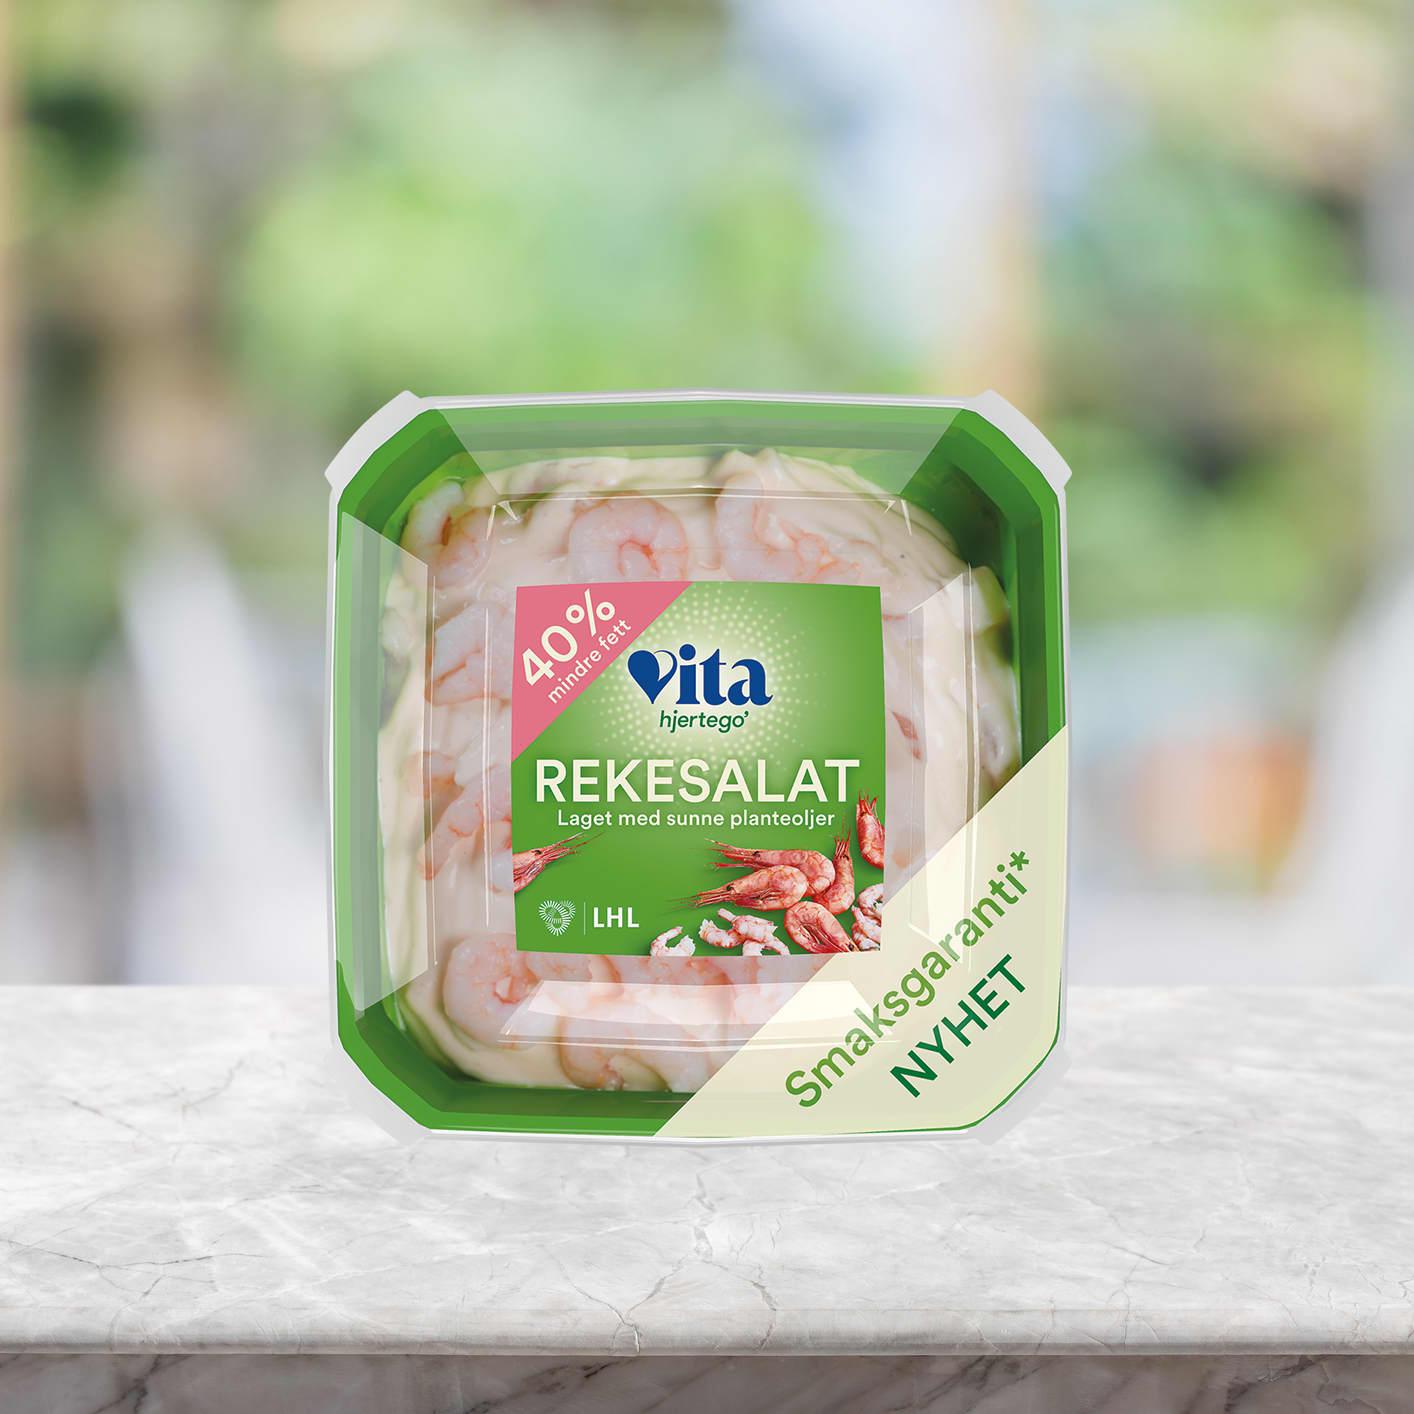 Rekesalat fra Vita hjertego' er et sunt og godt tilbehør til sommerens grillpølser!